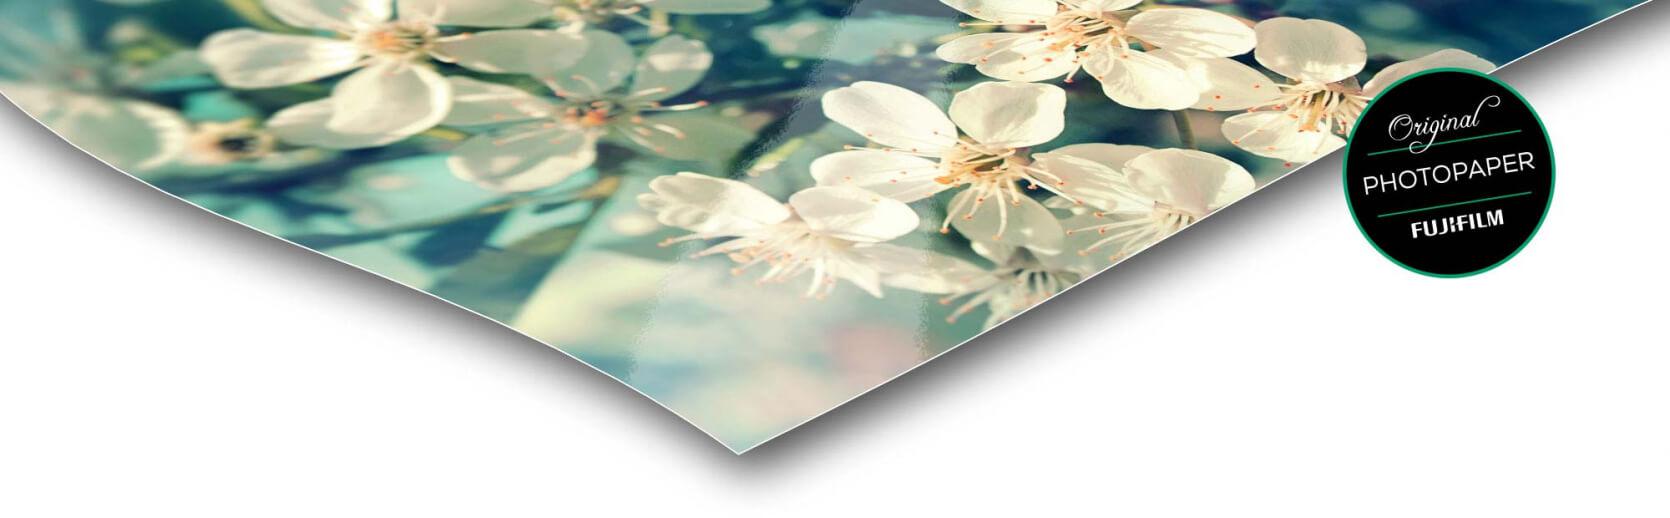 fotopapier foto op dibond zijdeglans